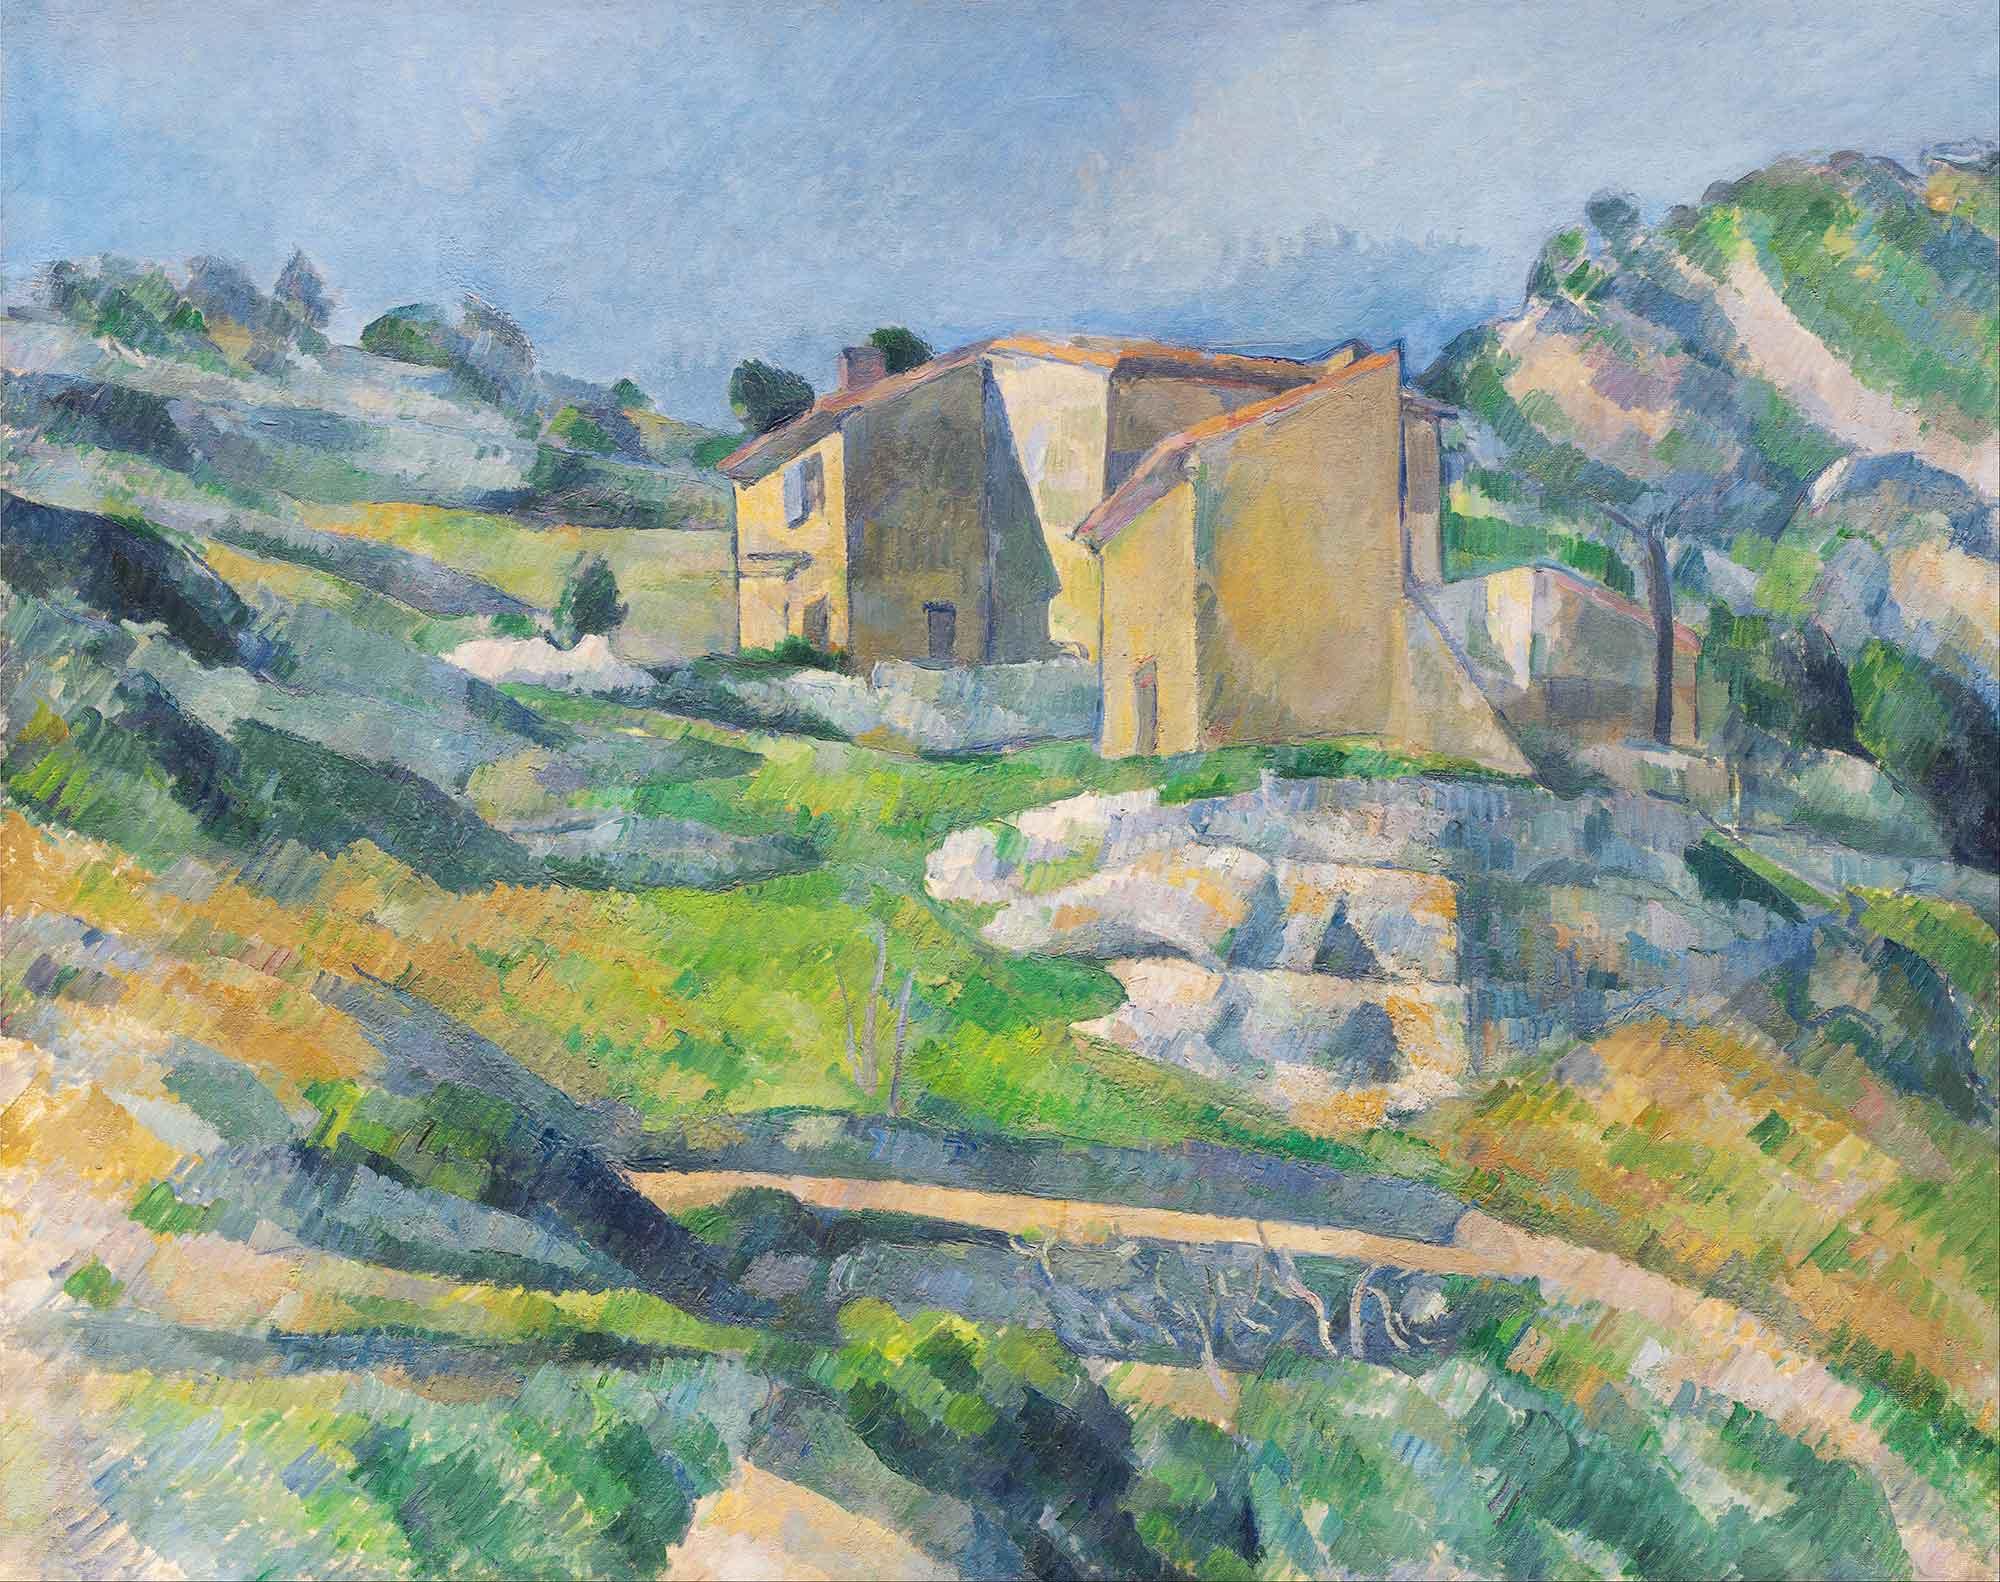 Paul Cezanne Provenc'de Bir Ev